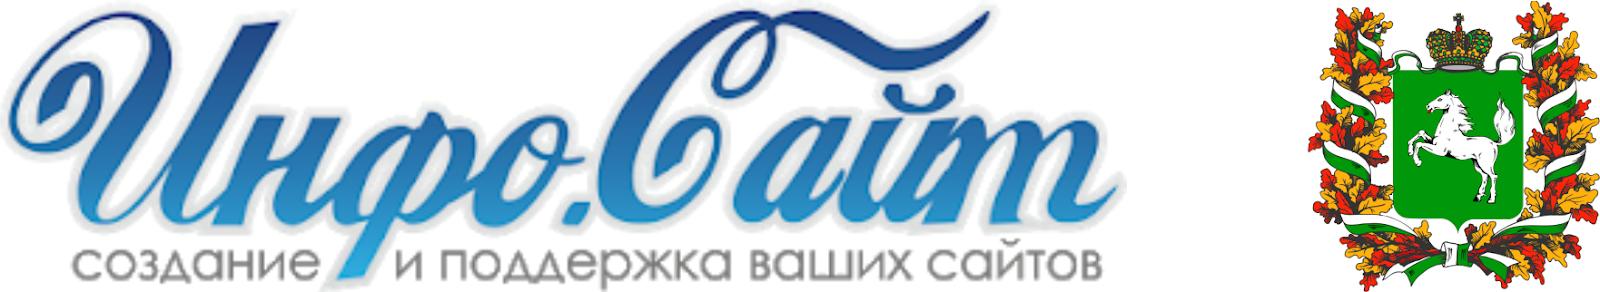 Томская область 🌍 Инфо-Сайт : Новости и объявления Томской области